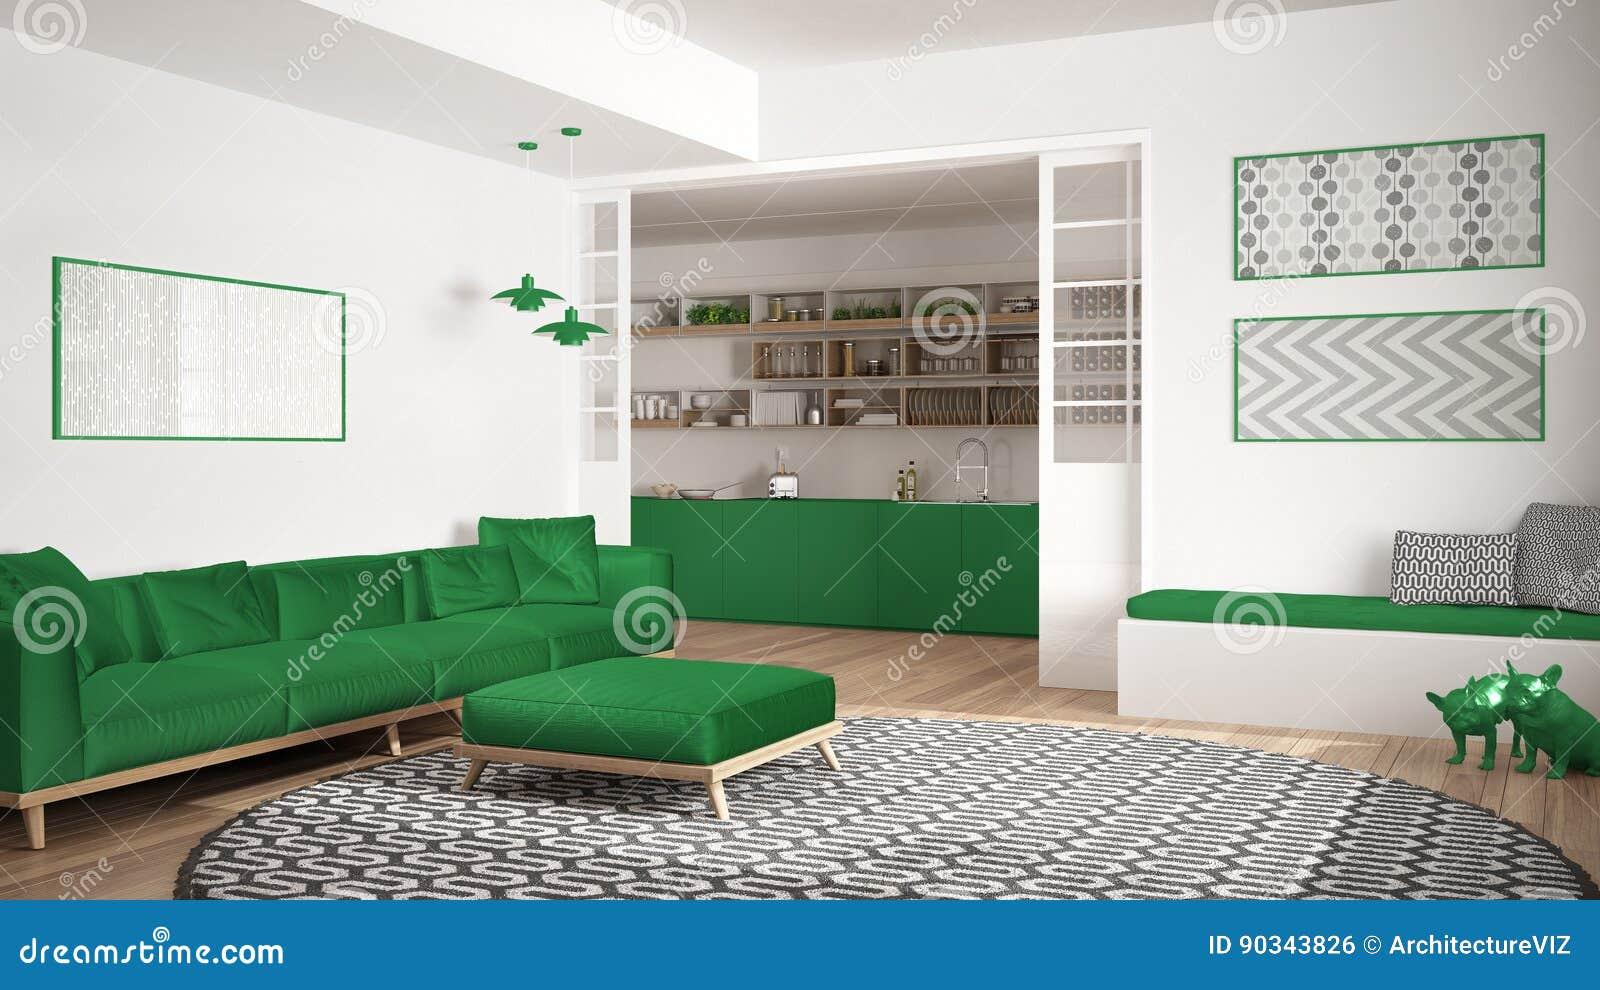 Tapijt Voor Keuken : Minimalistische woonkamer met bank grote ronde tapijt en keuken i